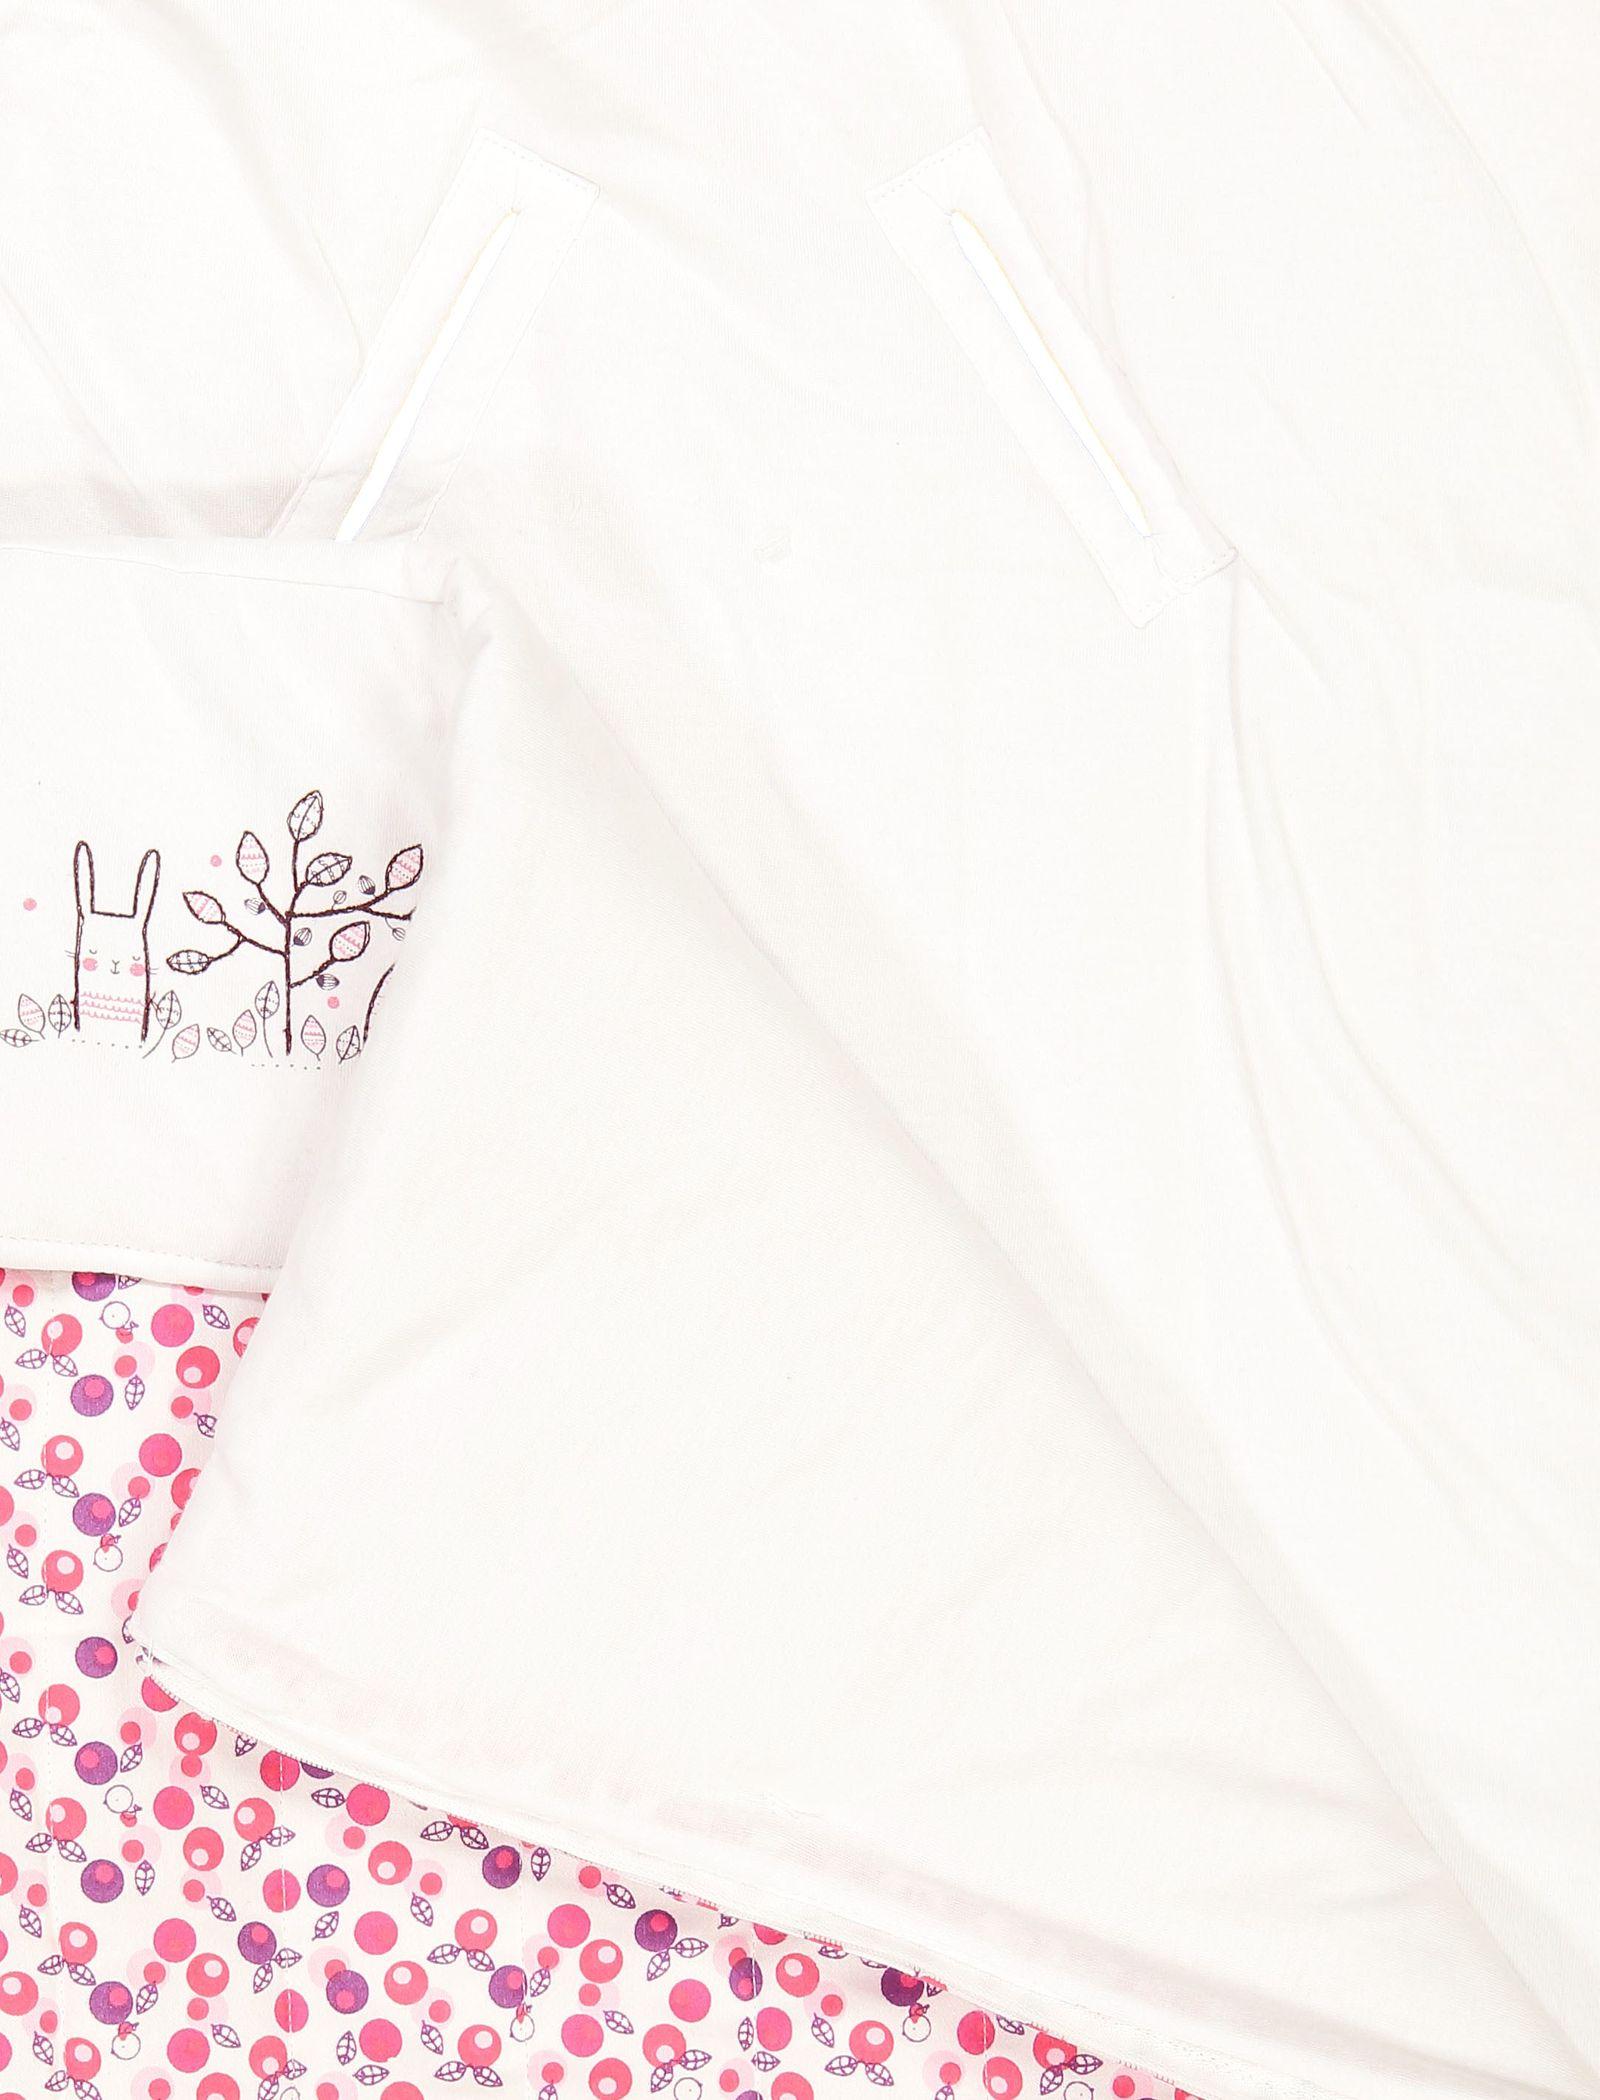 کیسه خواب نوزادی - ارکسترا - سفيد و سرخابي - 7